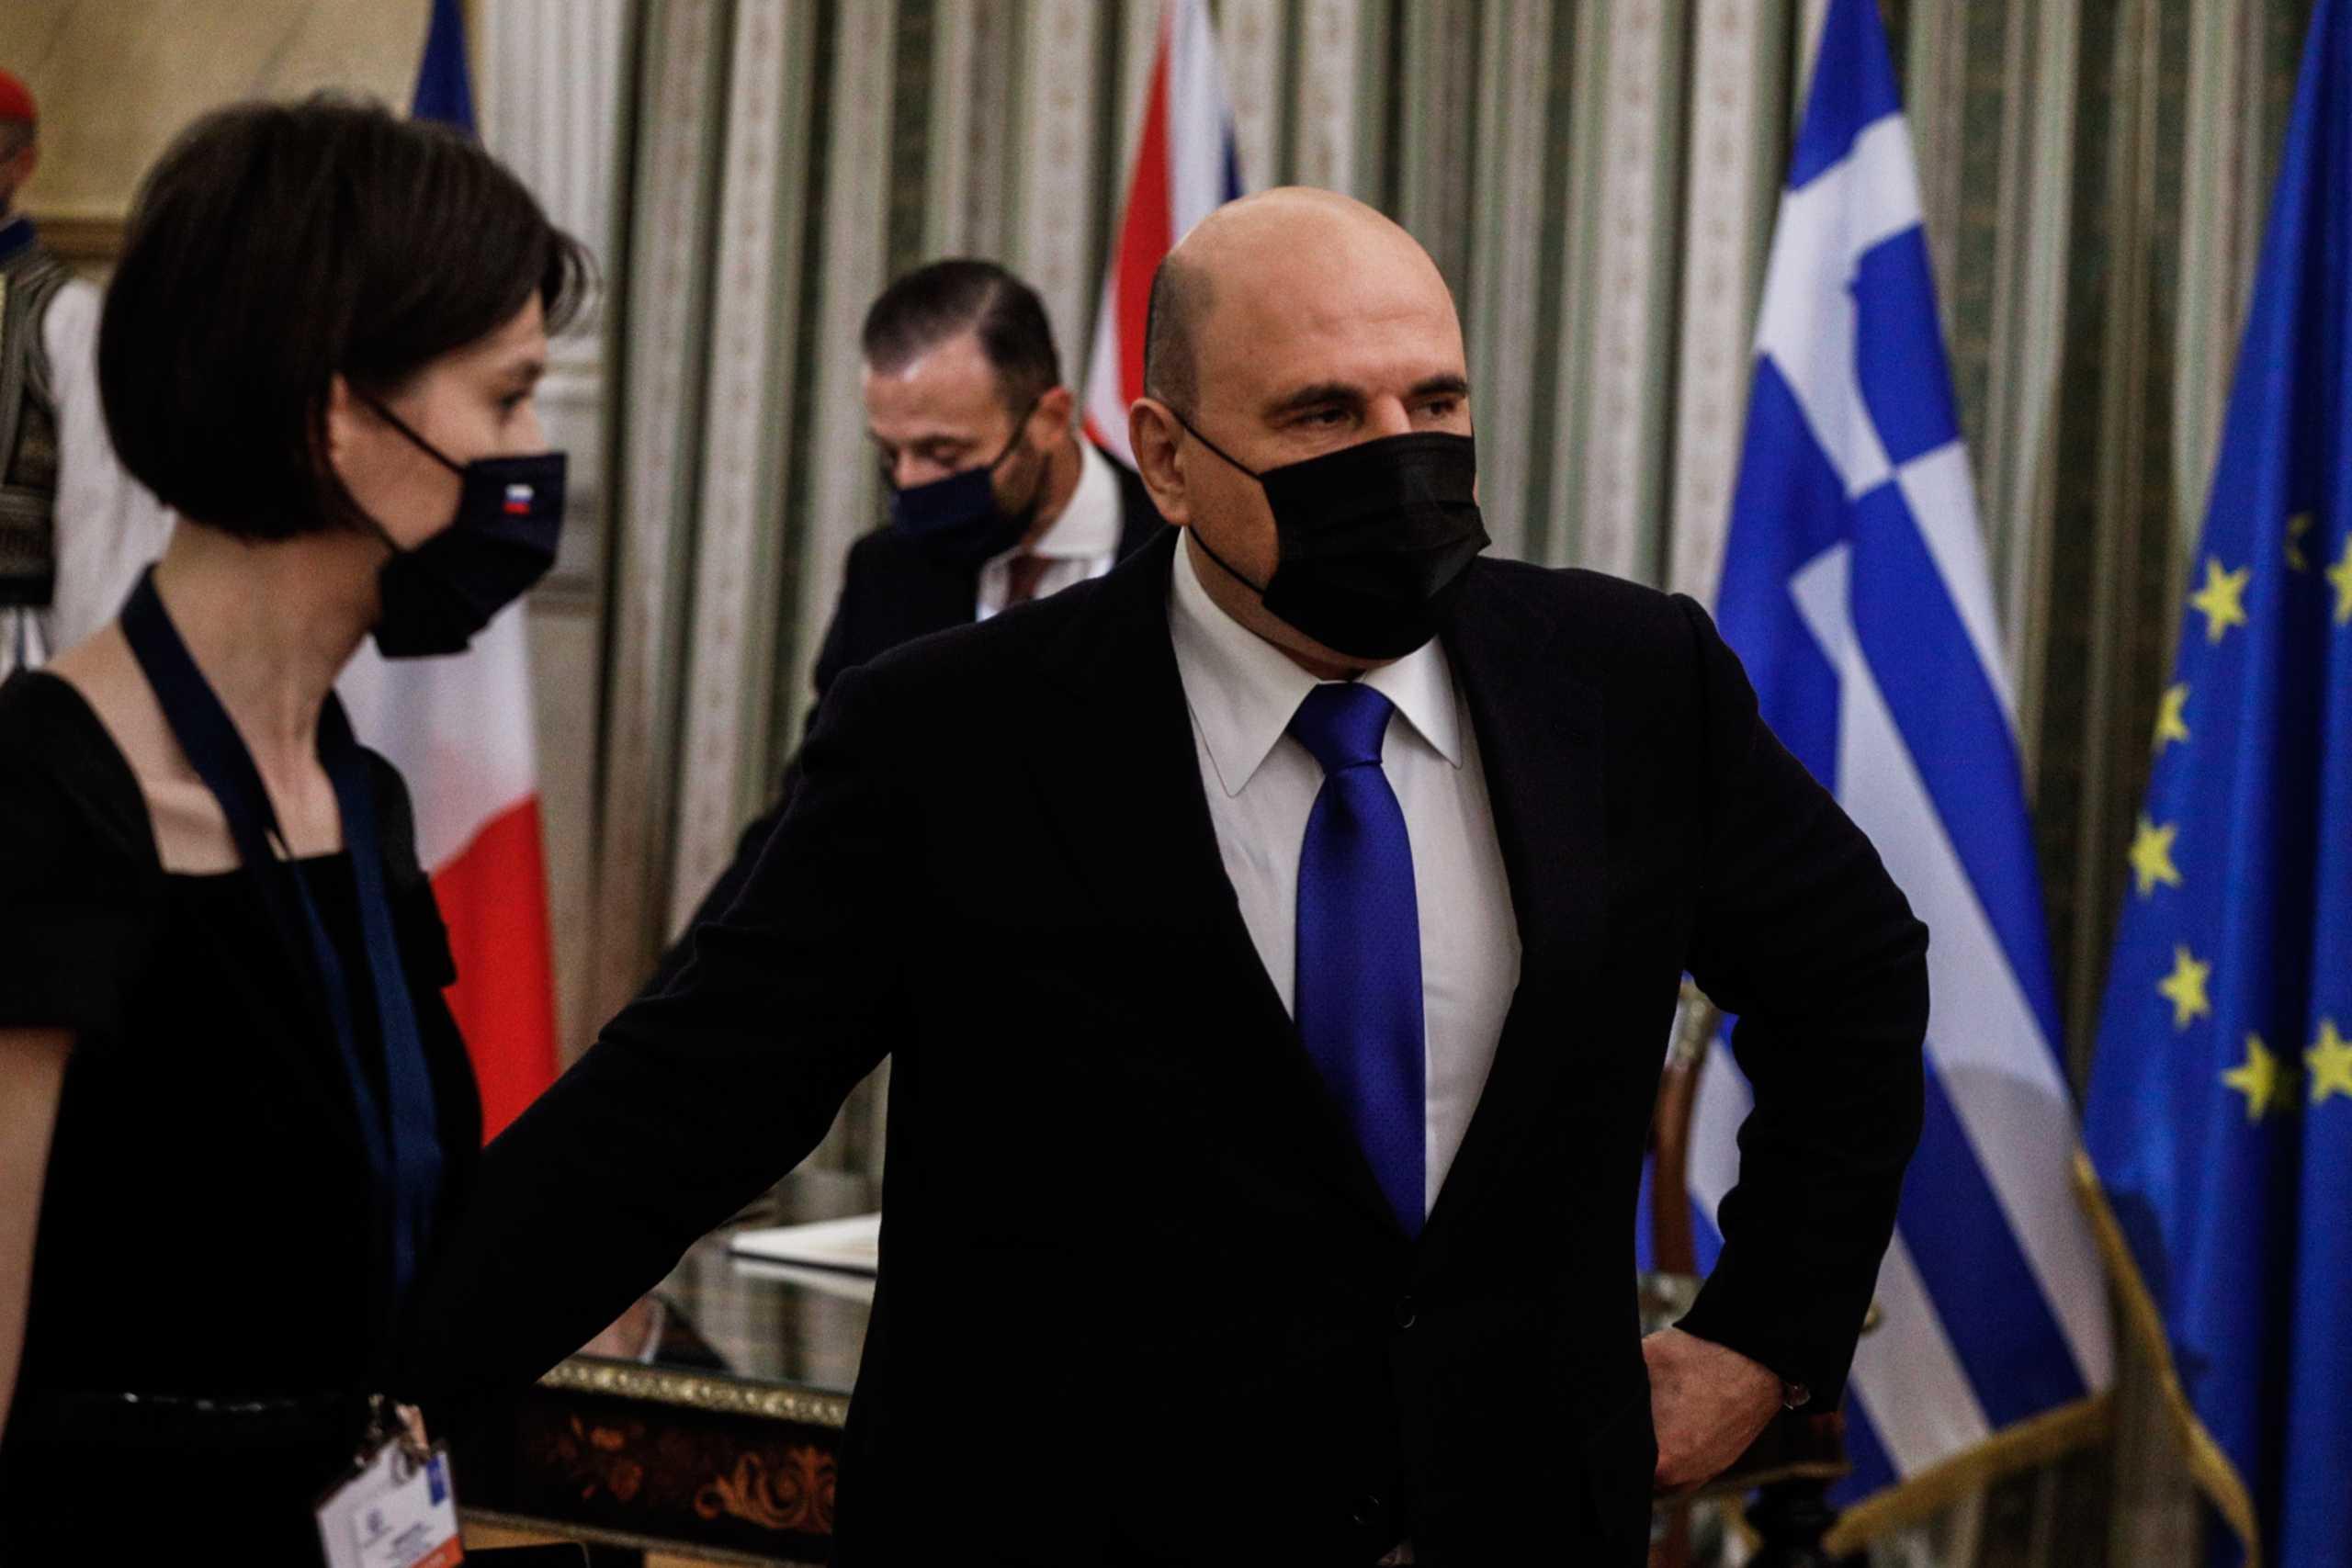 Άγιο Όρος: Η επίσκεψη του Ρώσου πρωθυπουργού μετά την παρέλαση της 25ης Μαρτίου στο Σύνταγμα